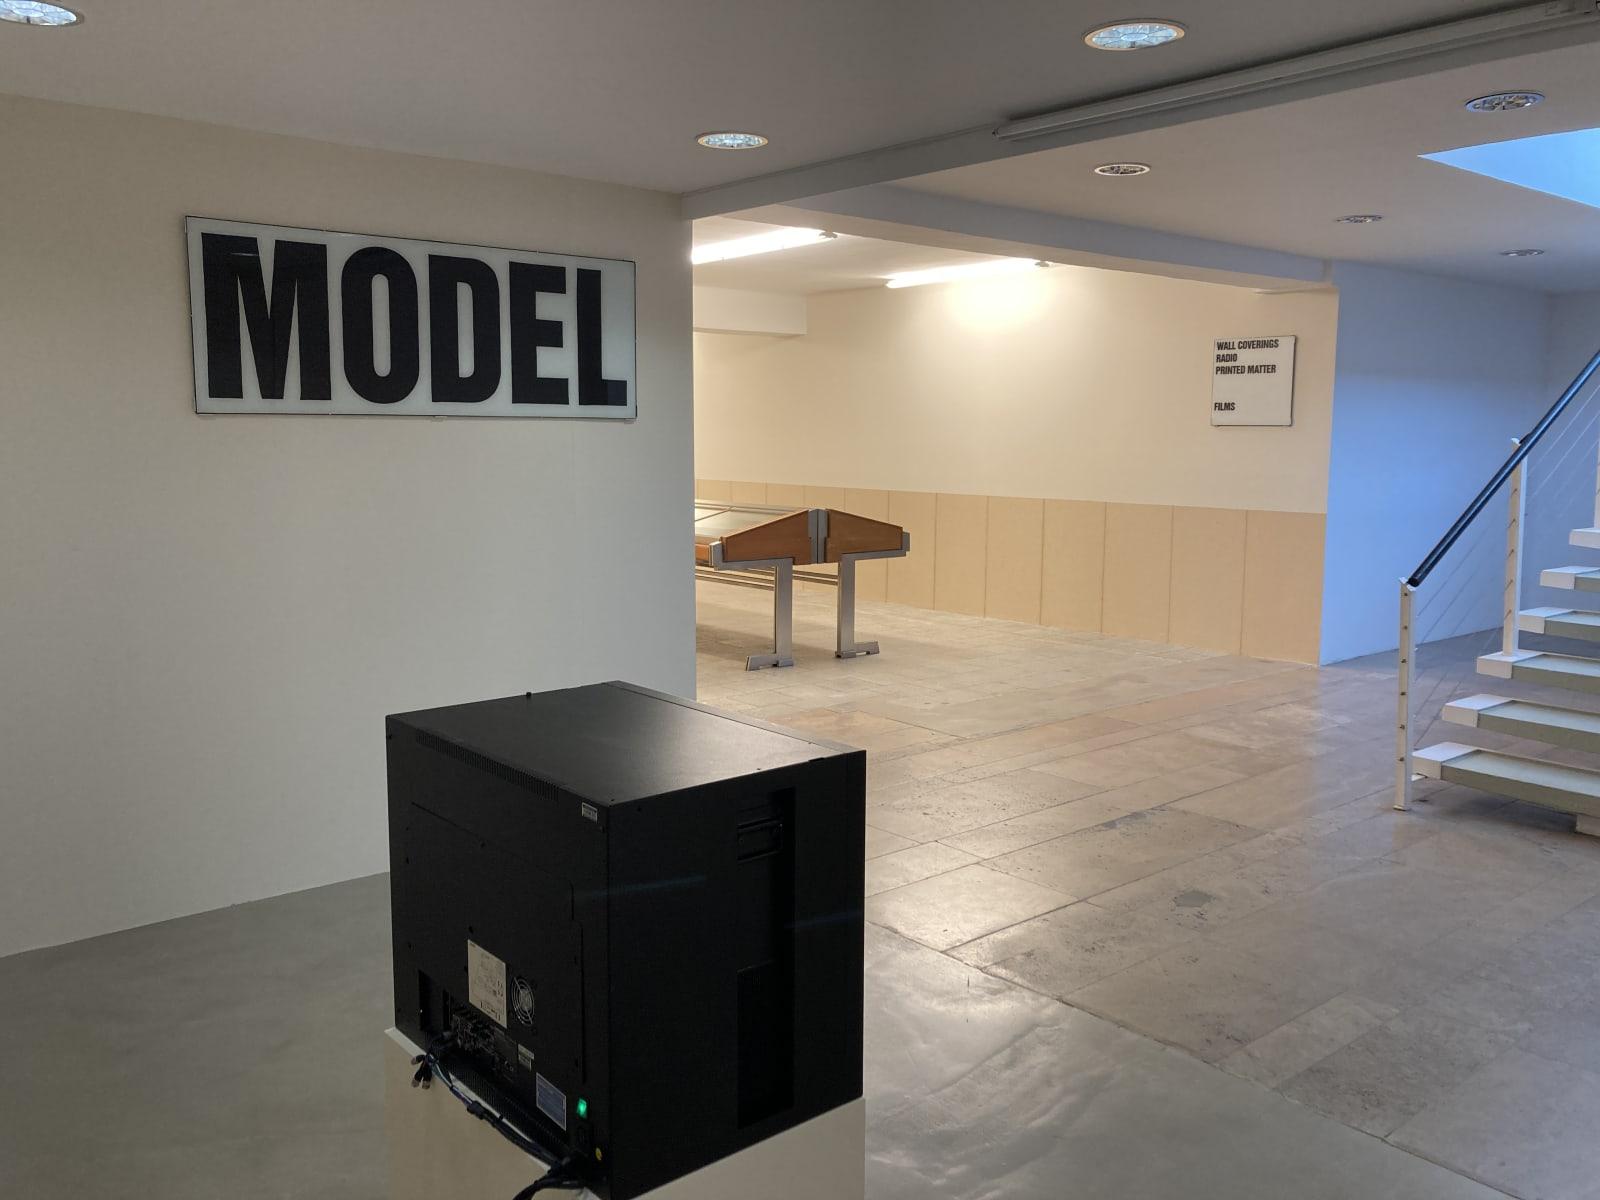 Installation view: Souterrain, Christopher Williams, Kochgeschirr (Adapted for Use), Capitain Petzel, Berlin, 2021